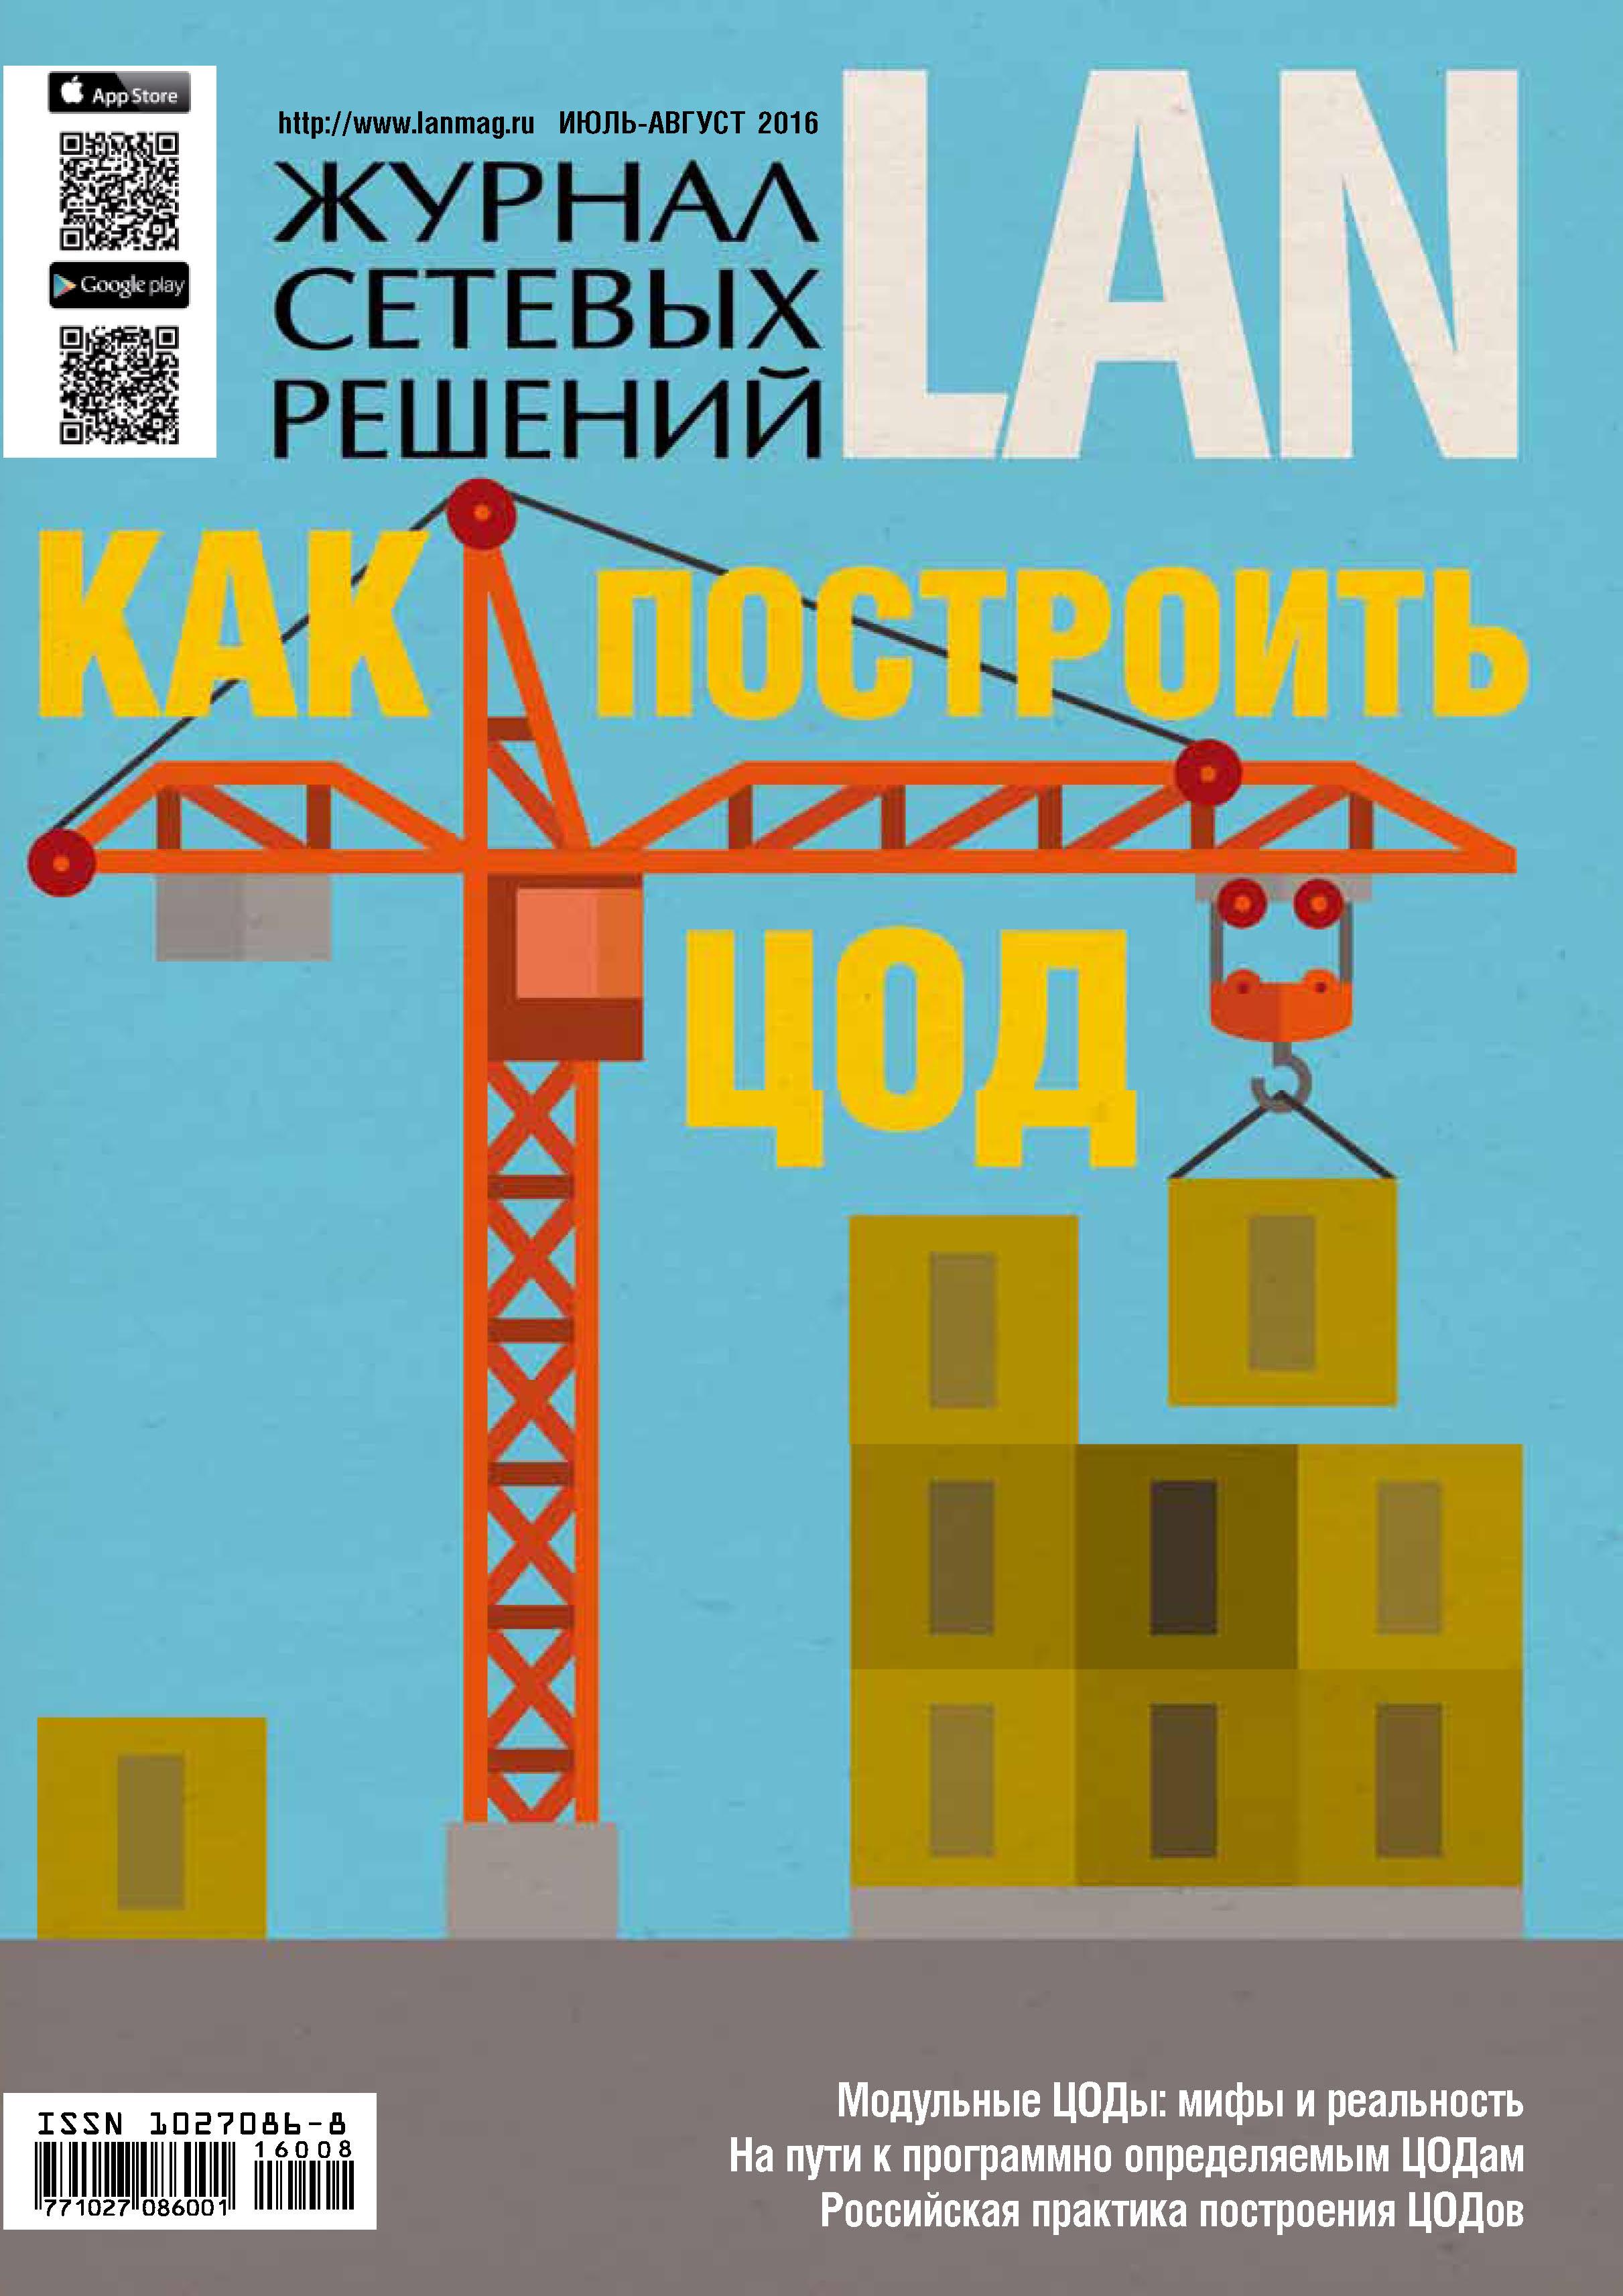 Открытые системы Журнал сетевых решений / LAN №07-08/2016 открытые системы журнал сетевых решений lan 06 2016